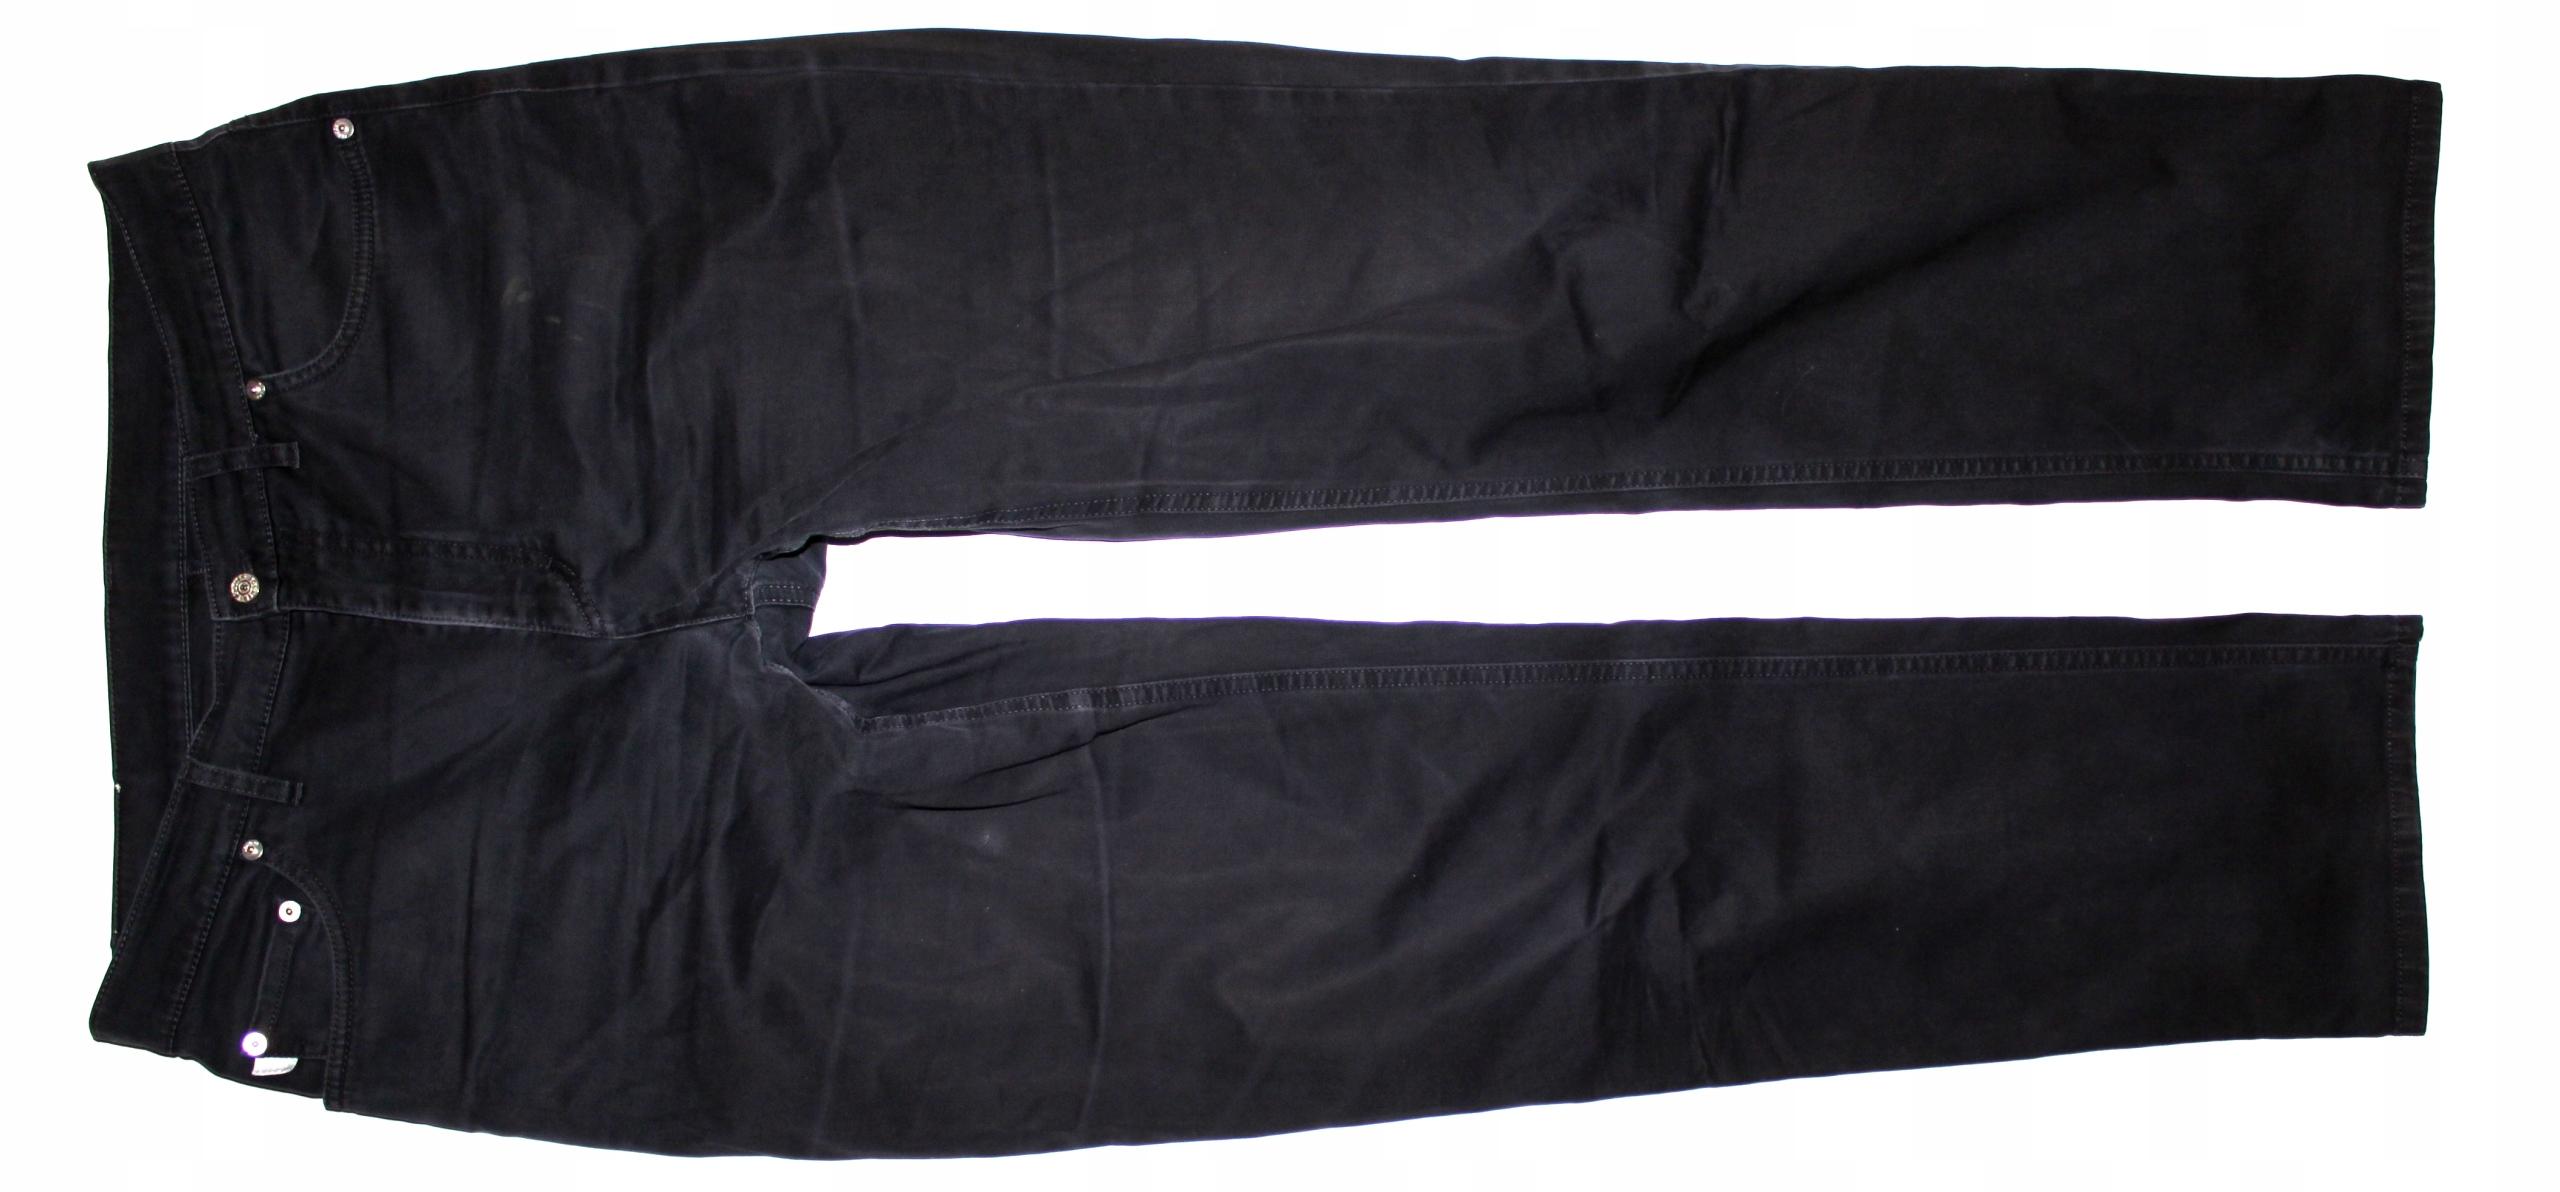 Bogner spodnie męskie rozm. 34/34 pas.86cm